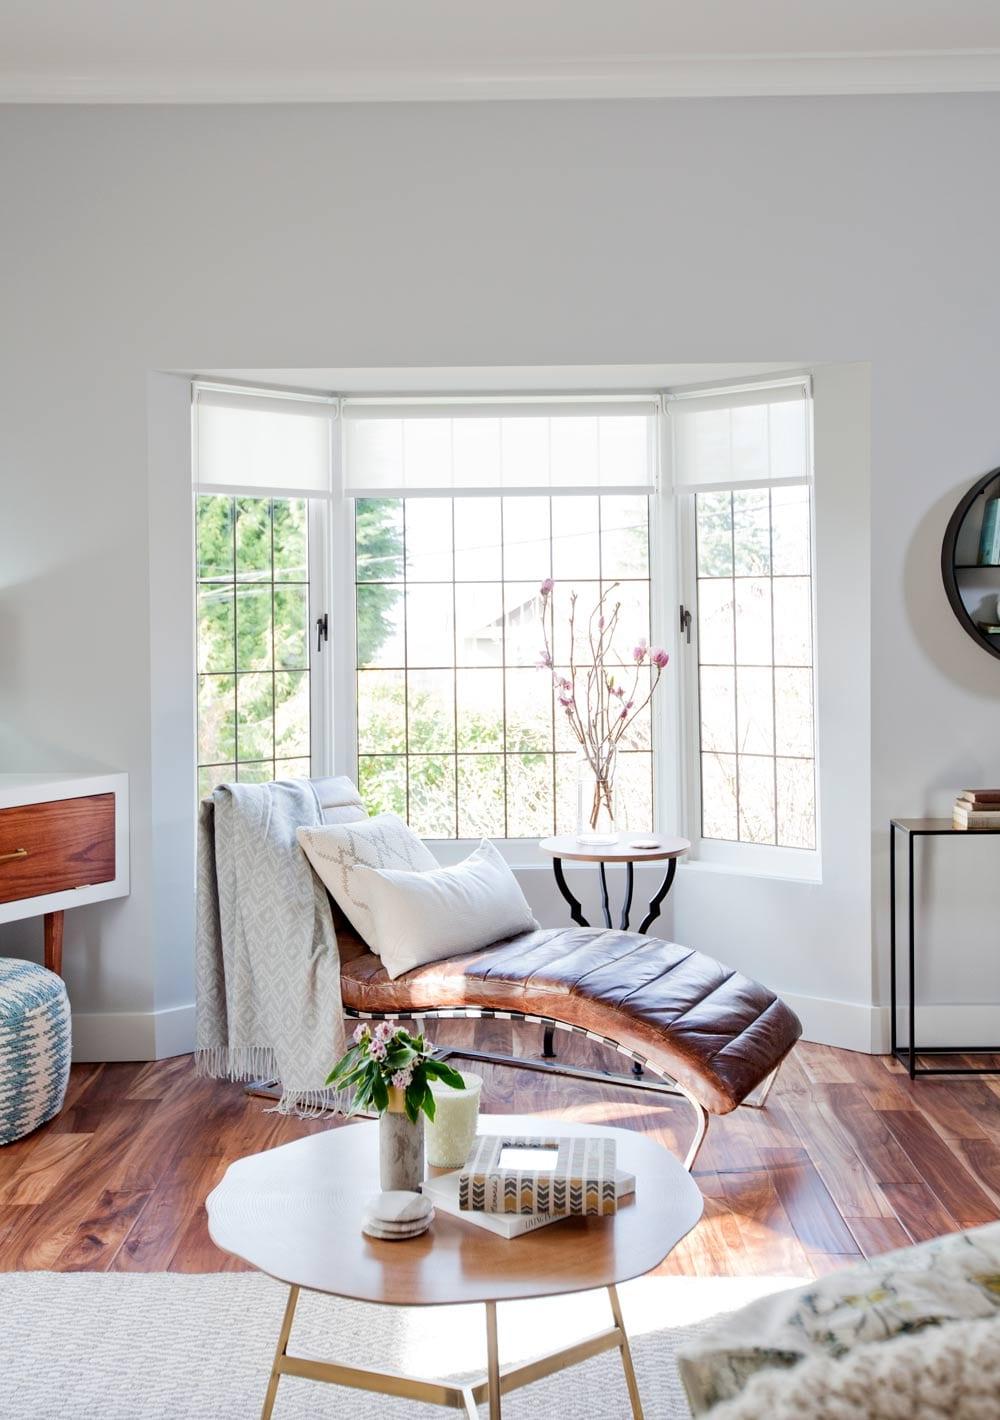 blog-lolv-ep4079-after-living-room-2